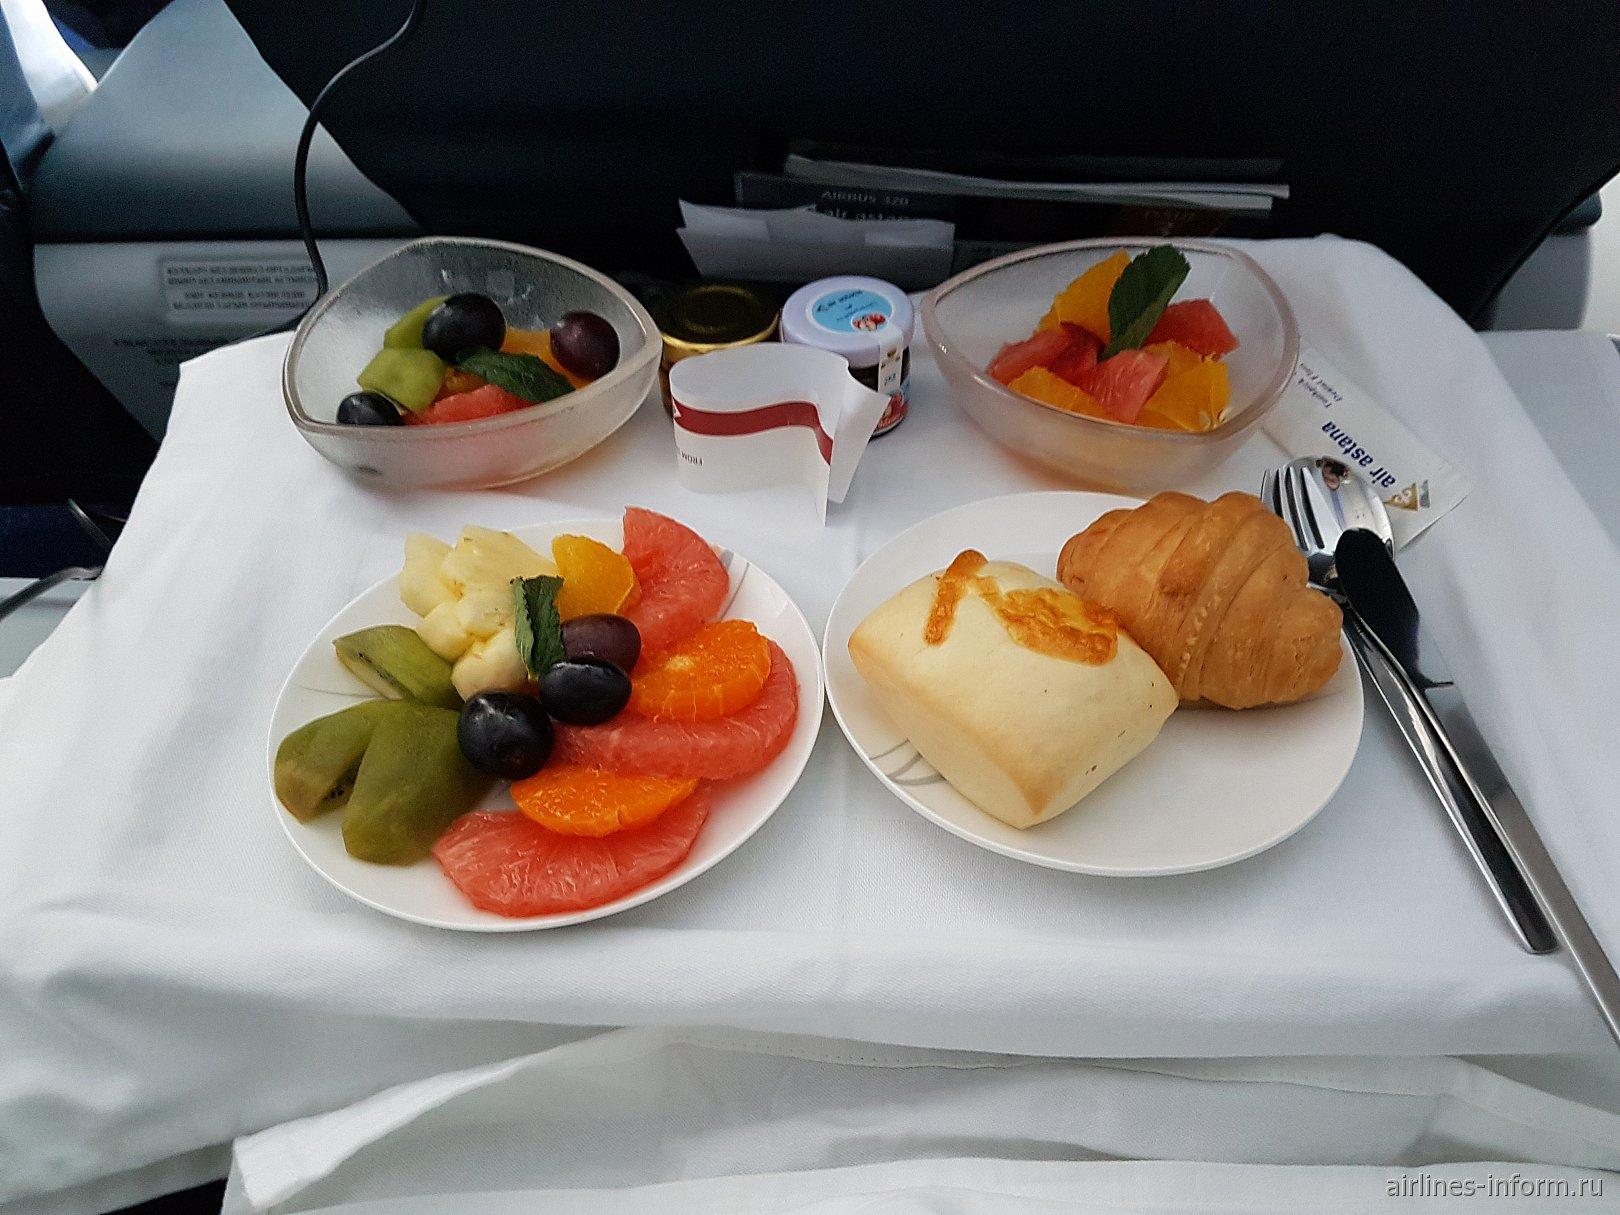 Питание в бизнес-классе на внутреннем рейсе авиакомпании Air Astana